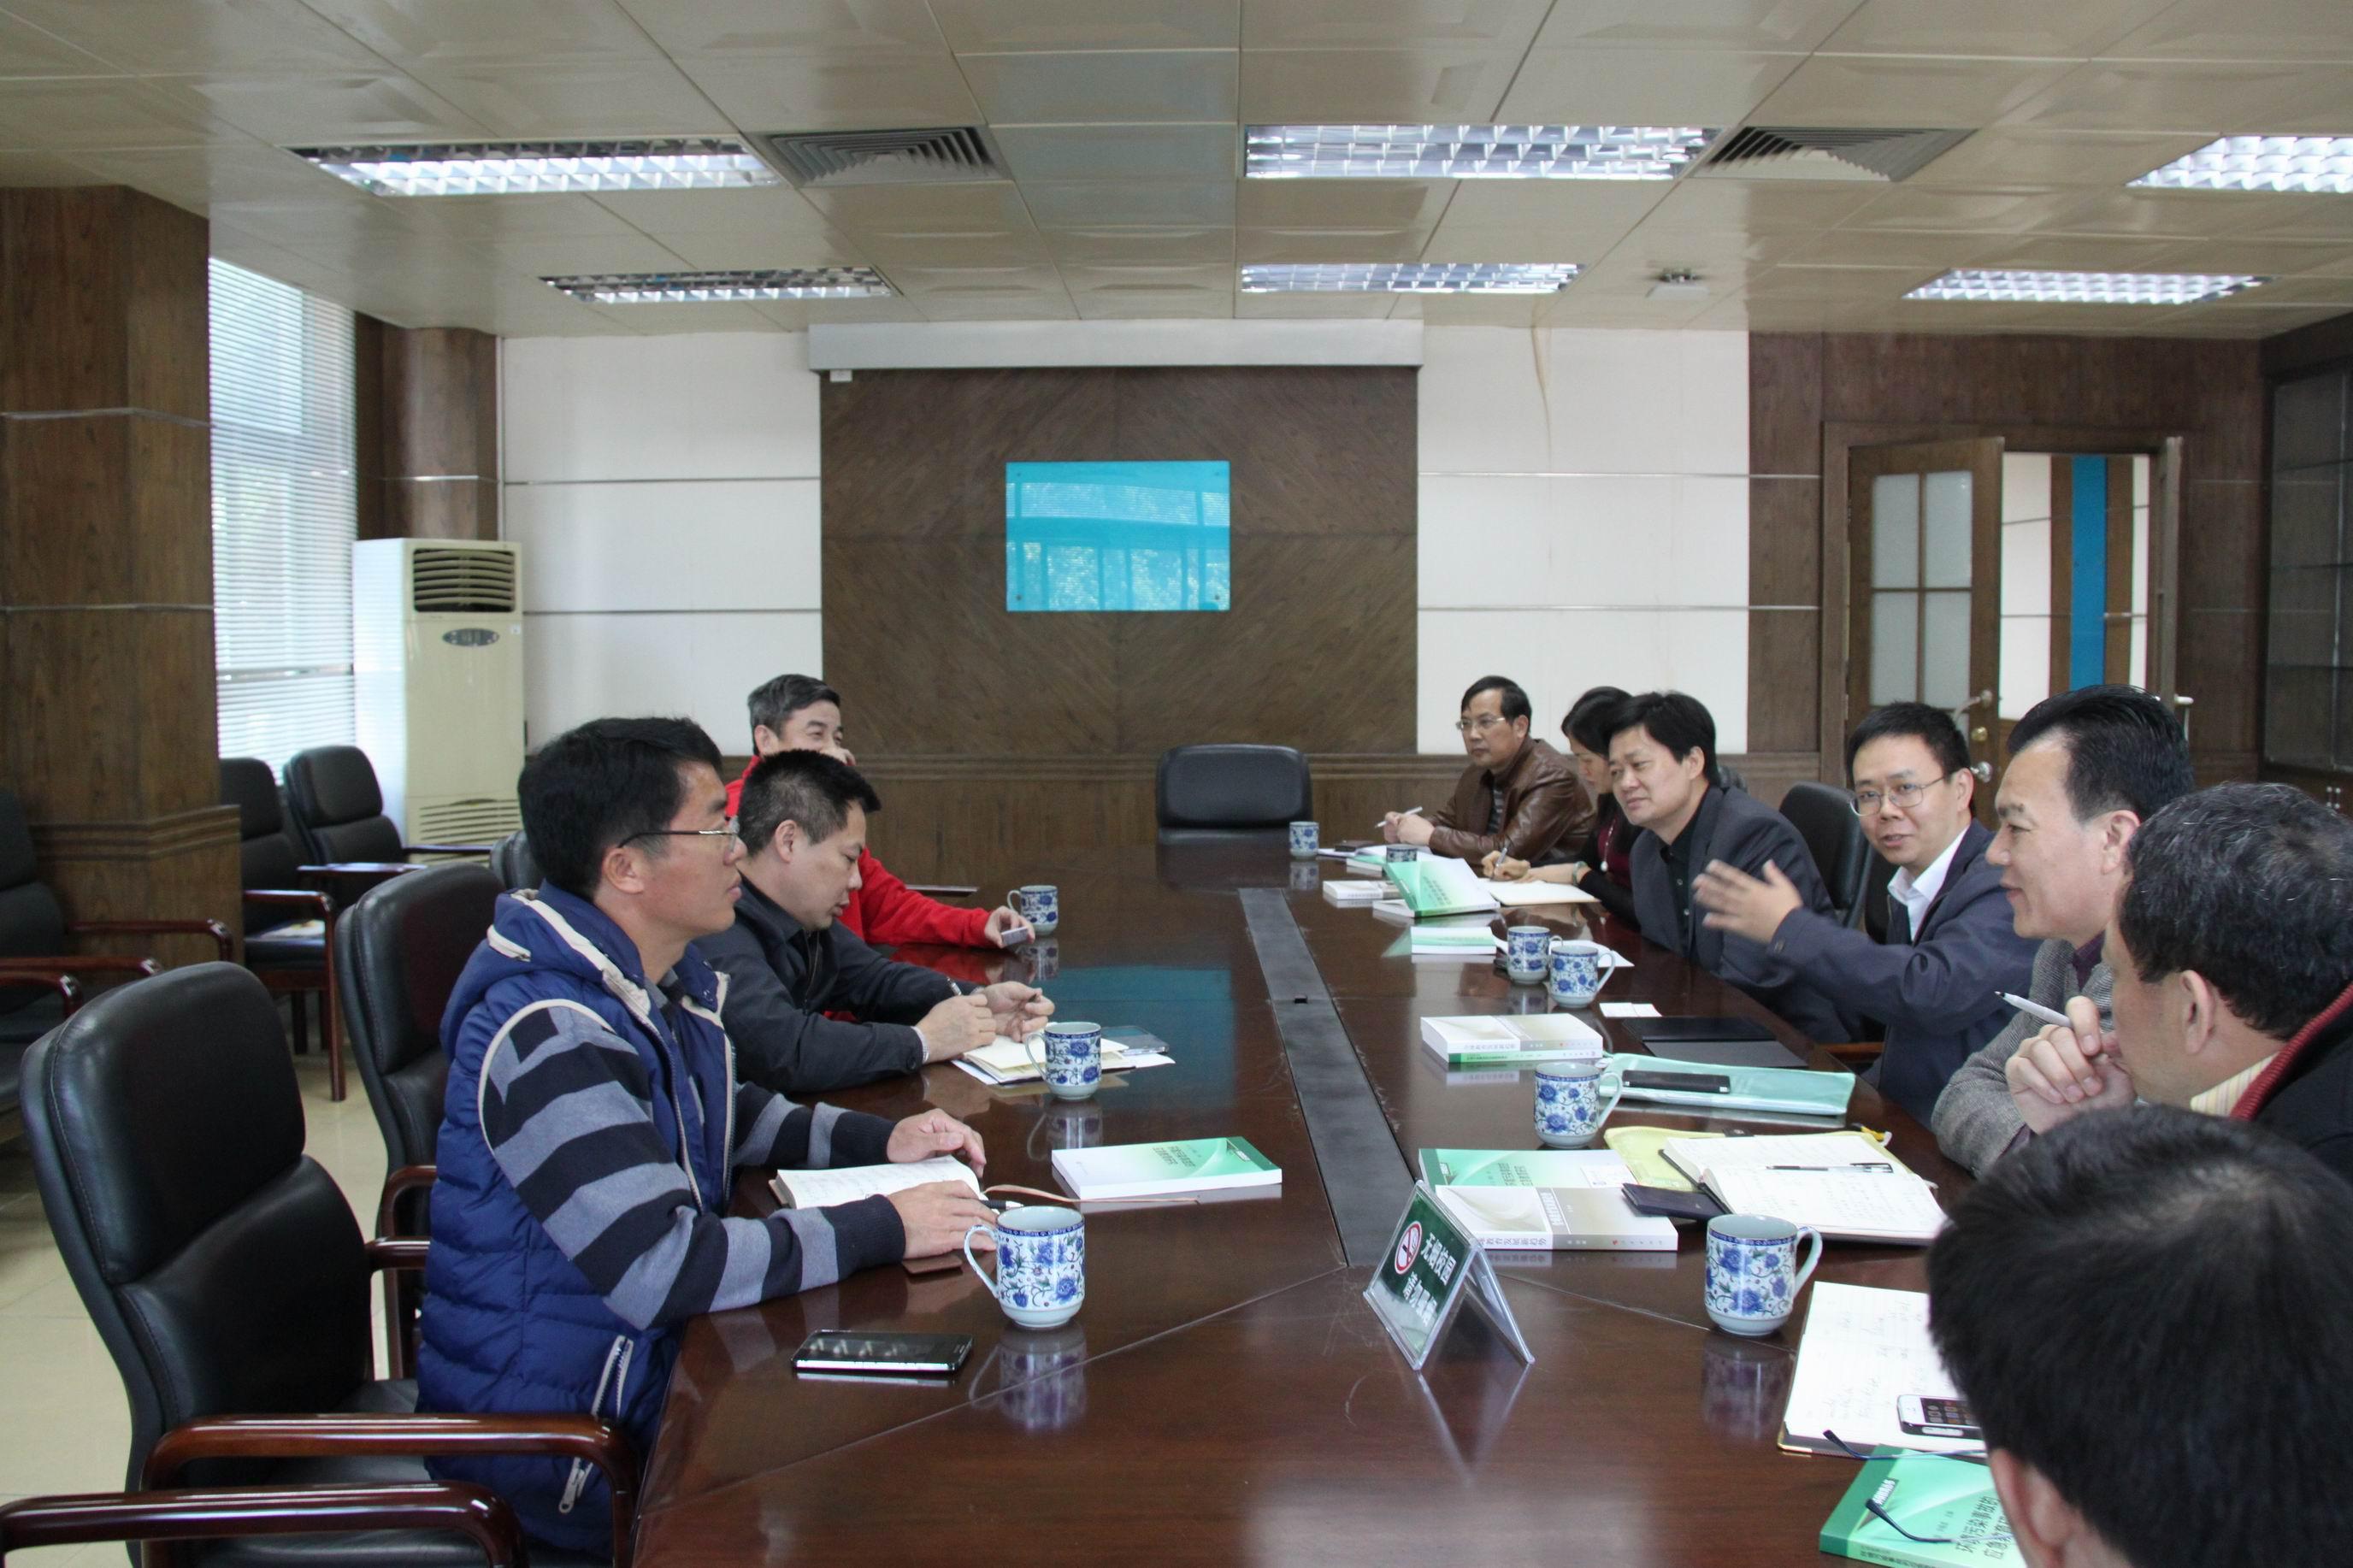 南海校区与南海区政府开展合作共建洽谈